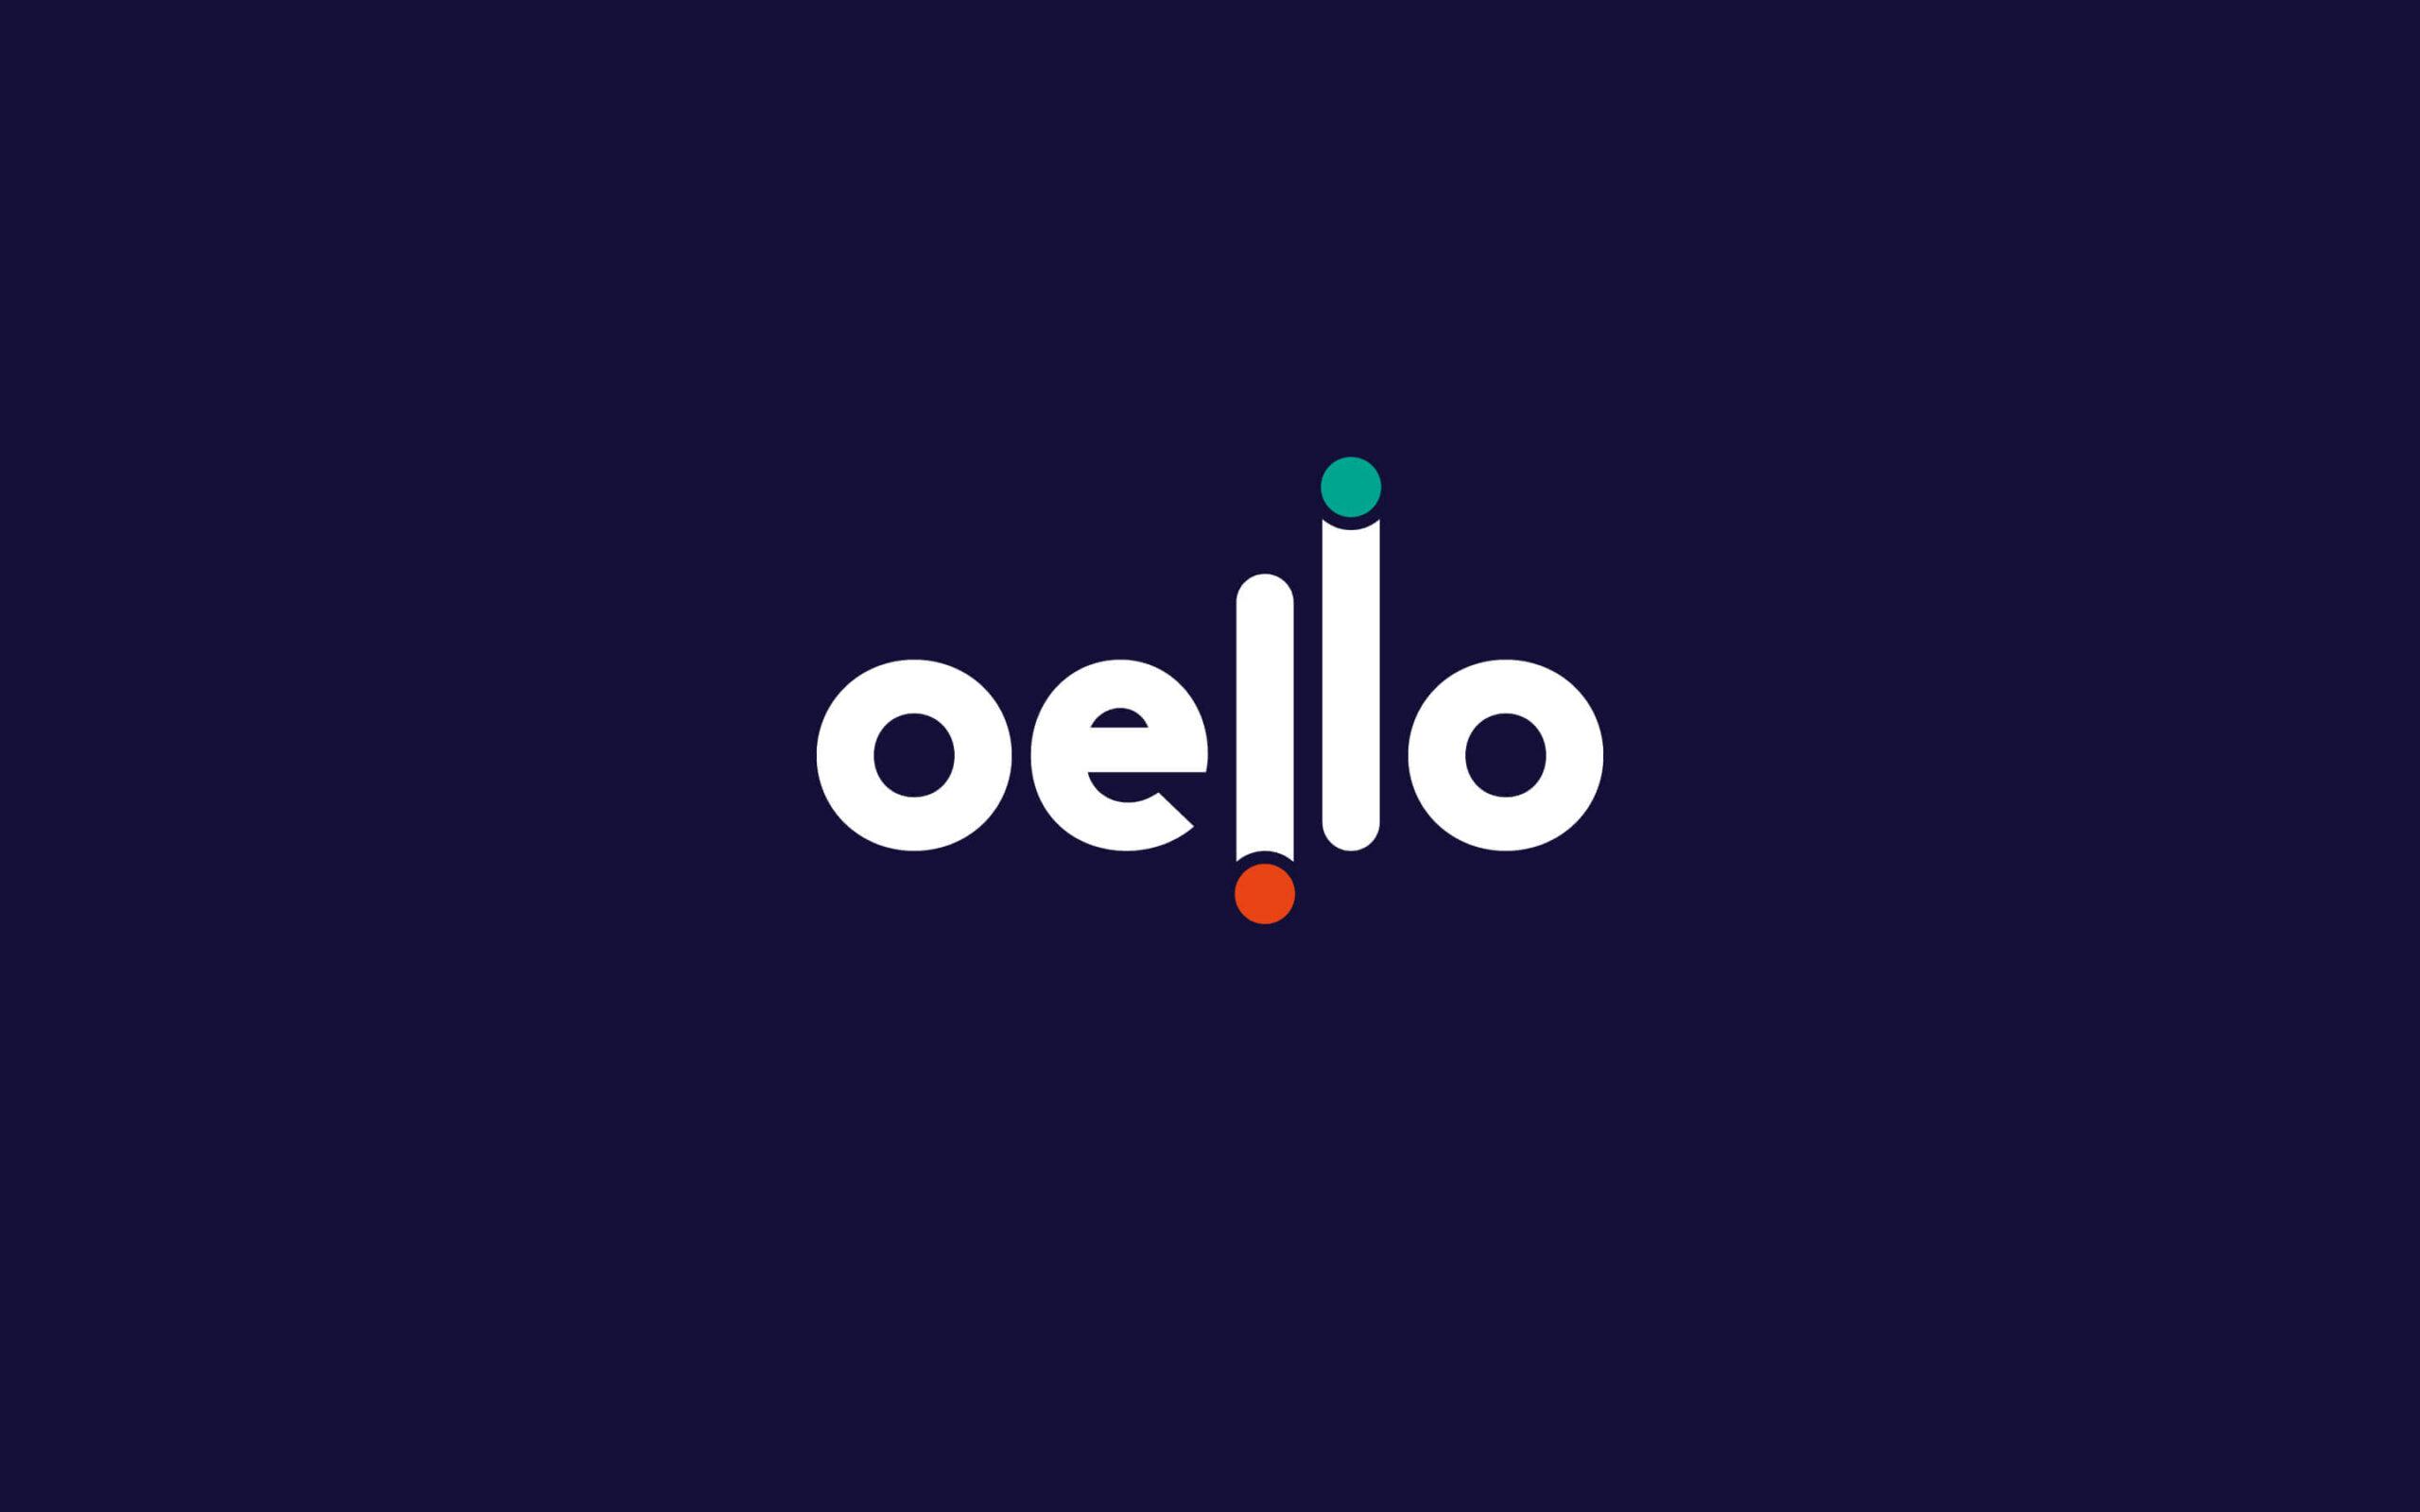 PWD-Brand-Presentation-oello3